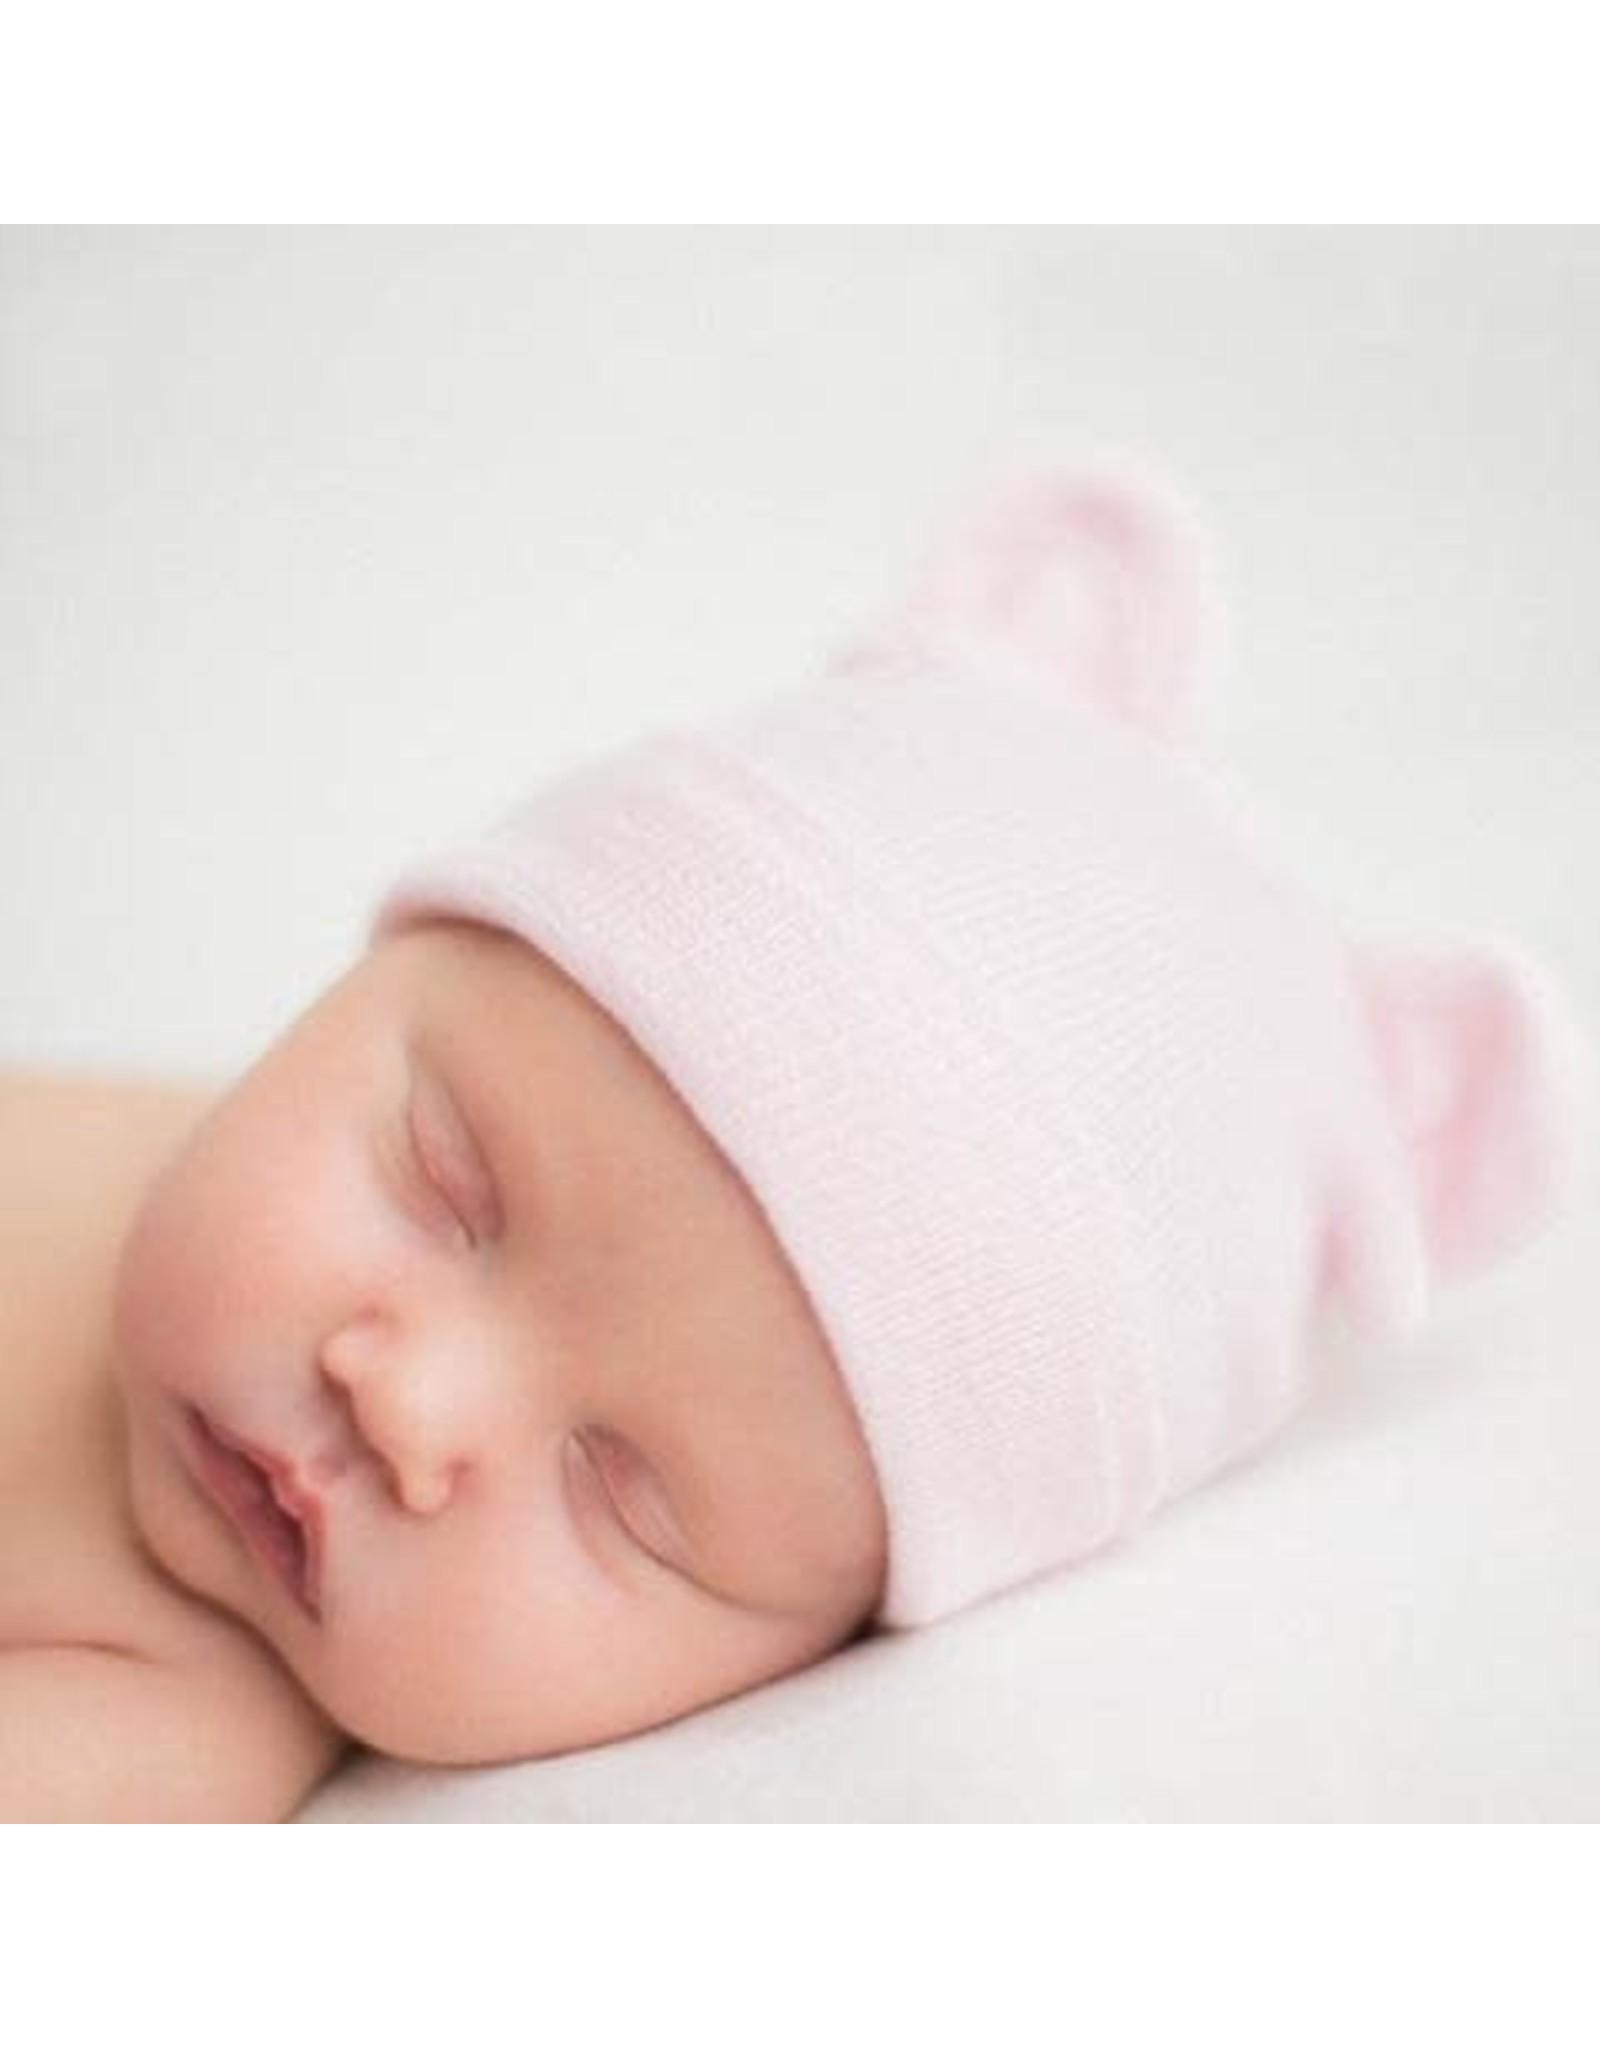 ILYBEAN Ily Bean- Pink Baby Bear Hat